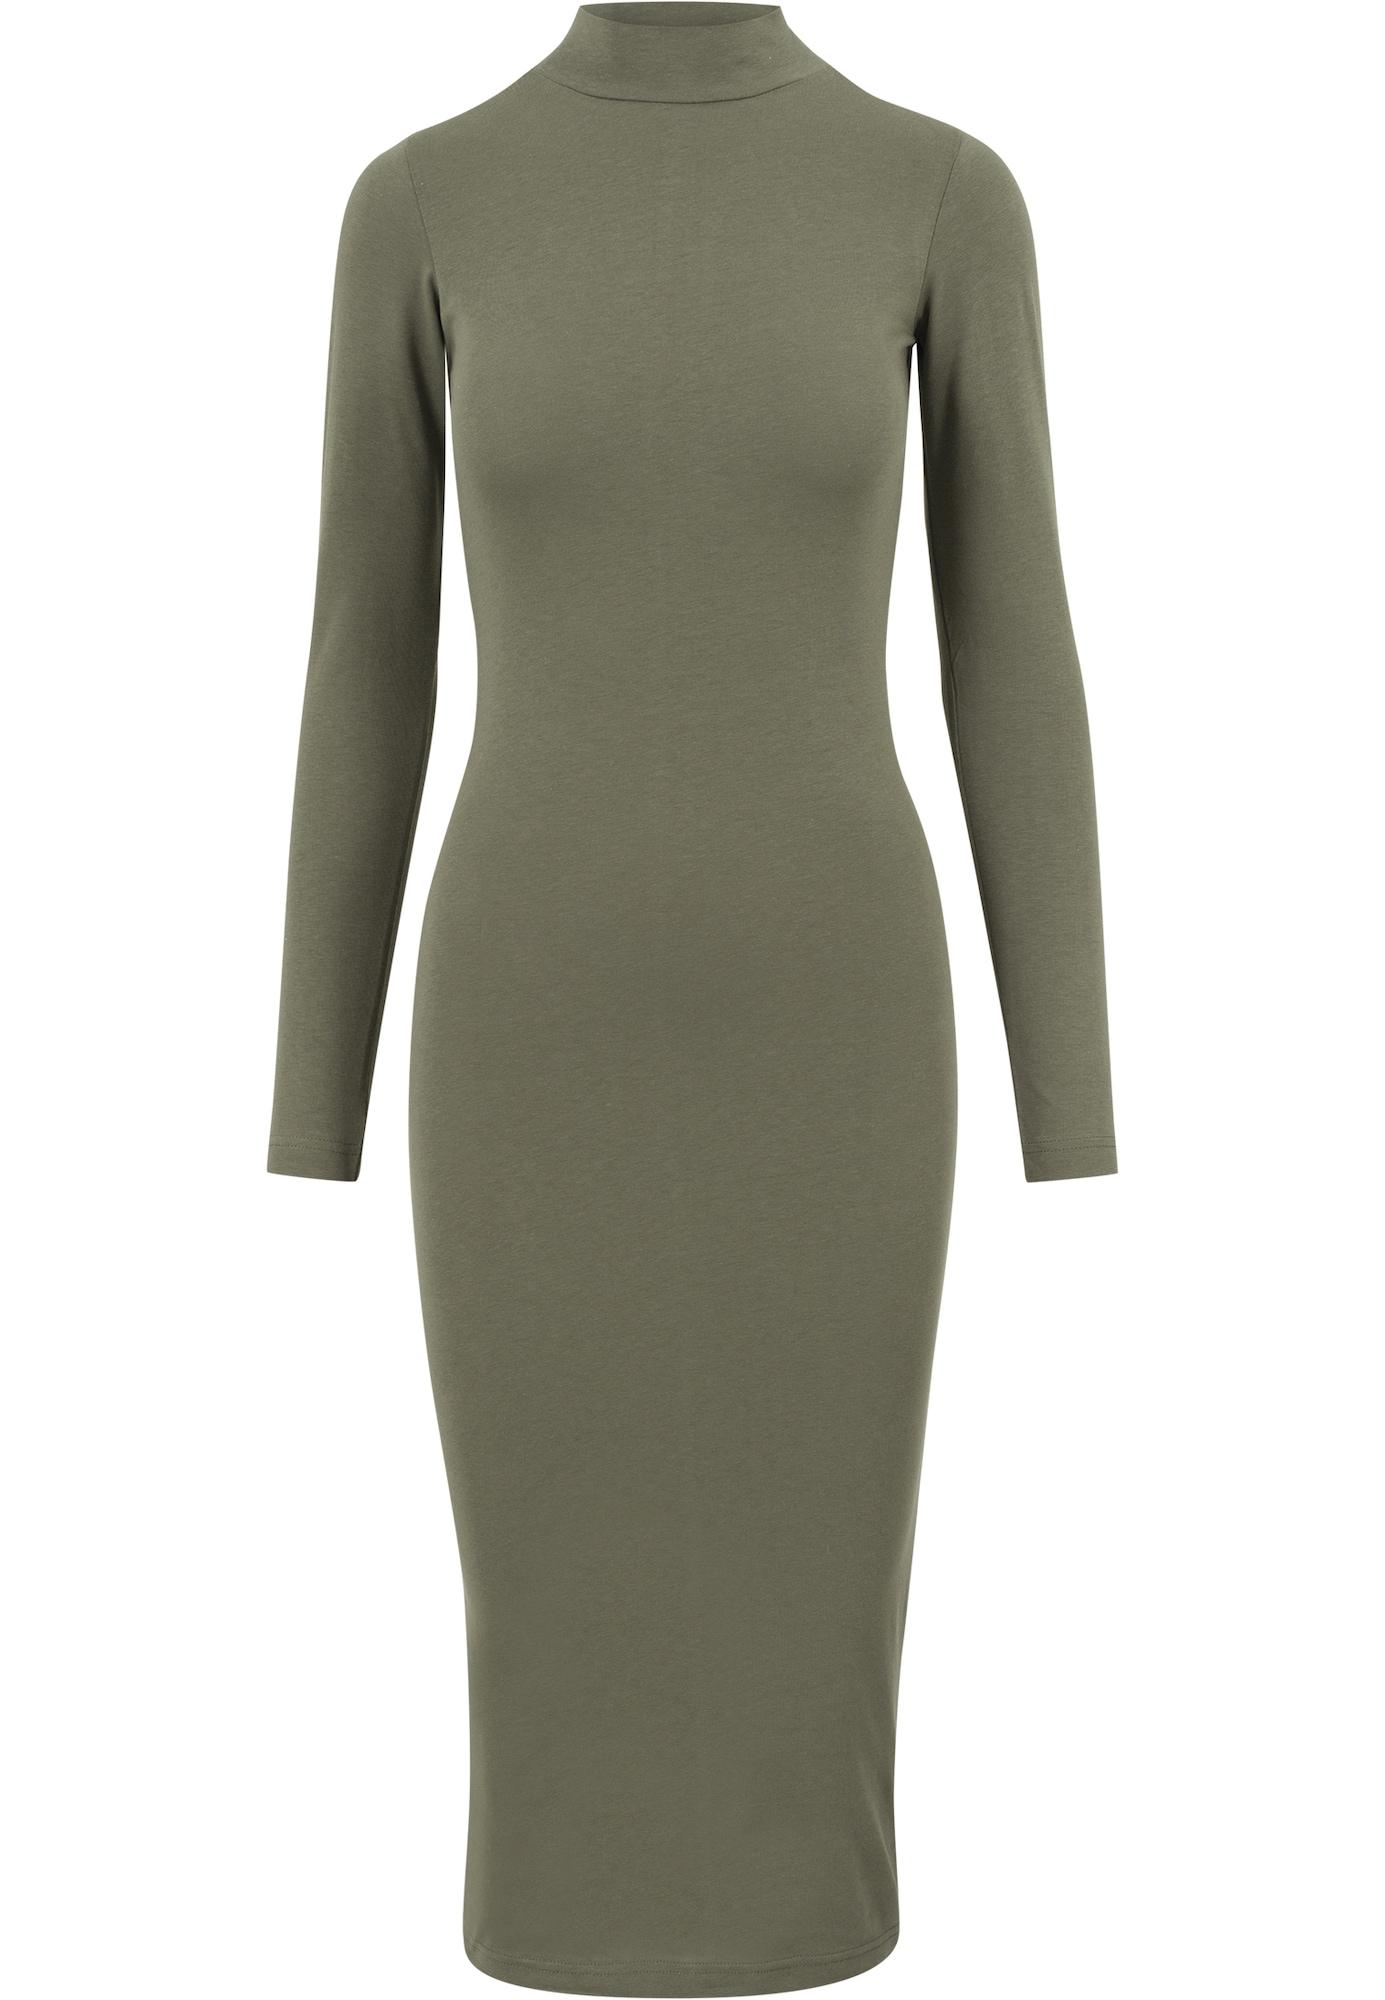 Urban Classics Suknelė rusvai žalia